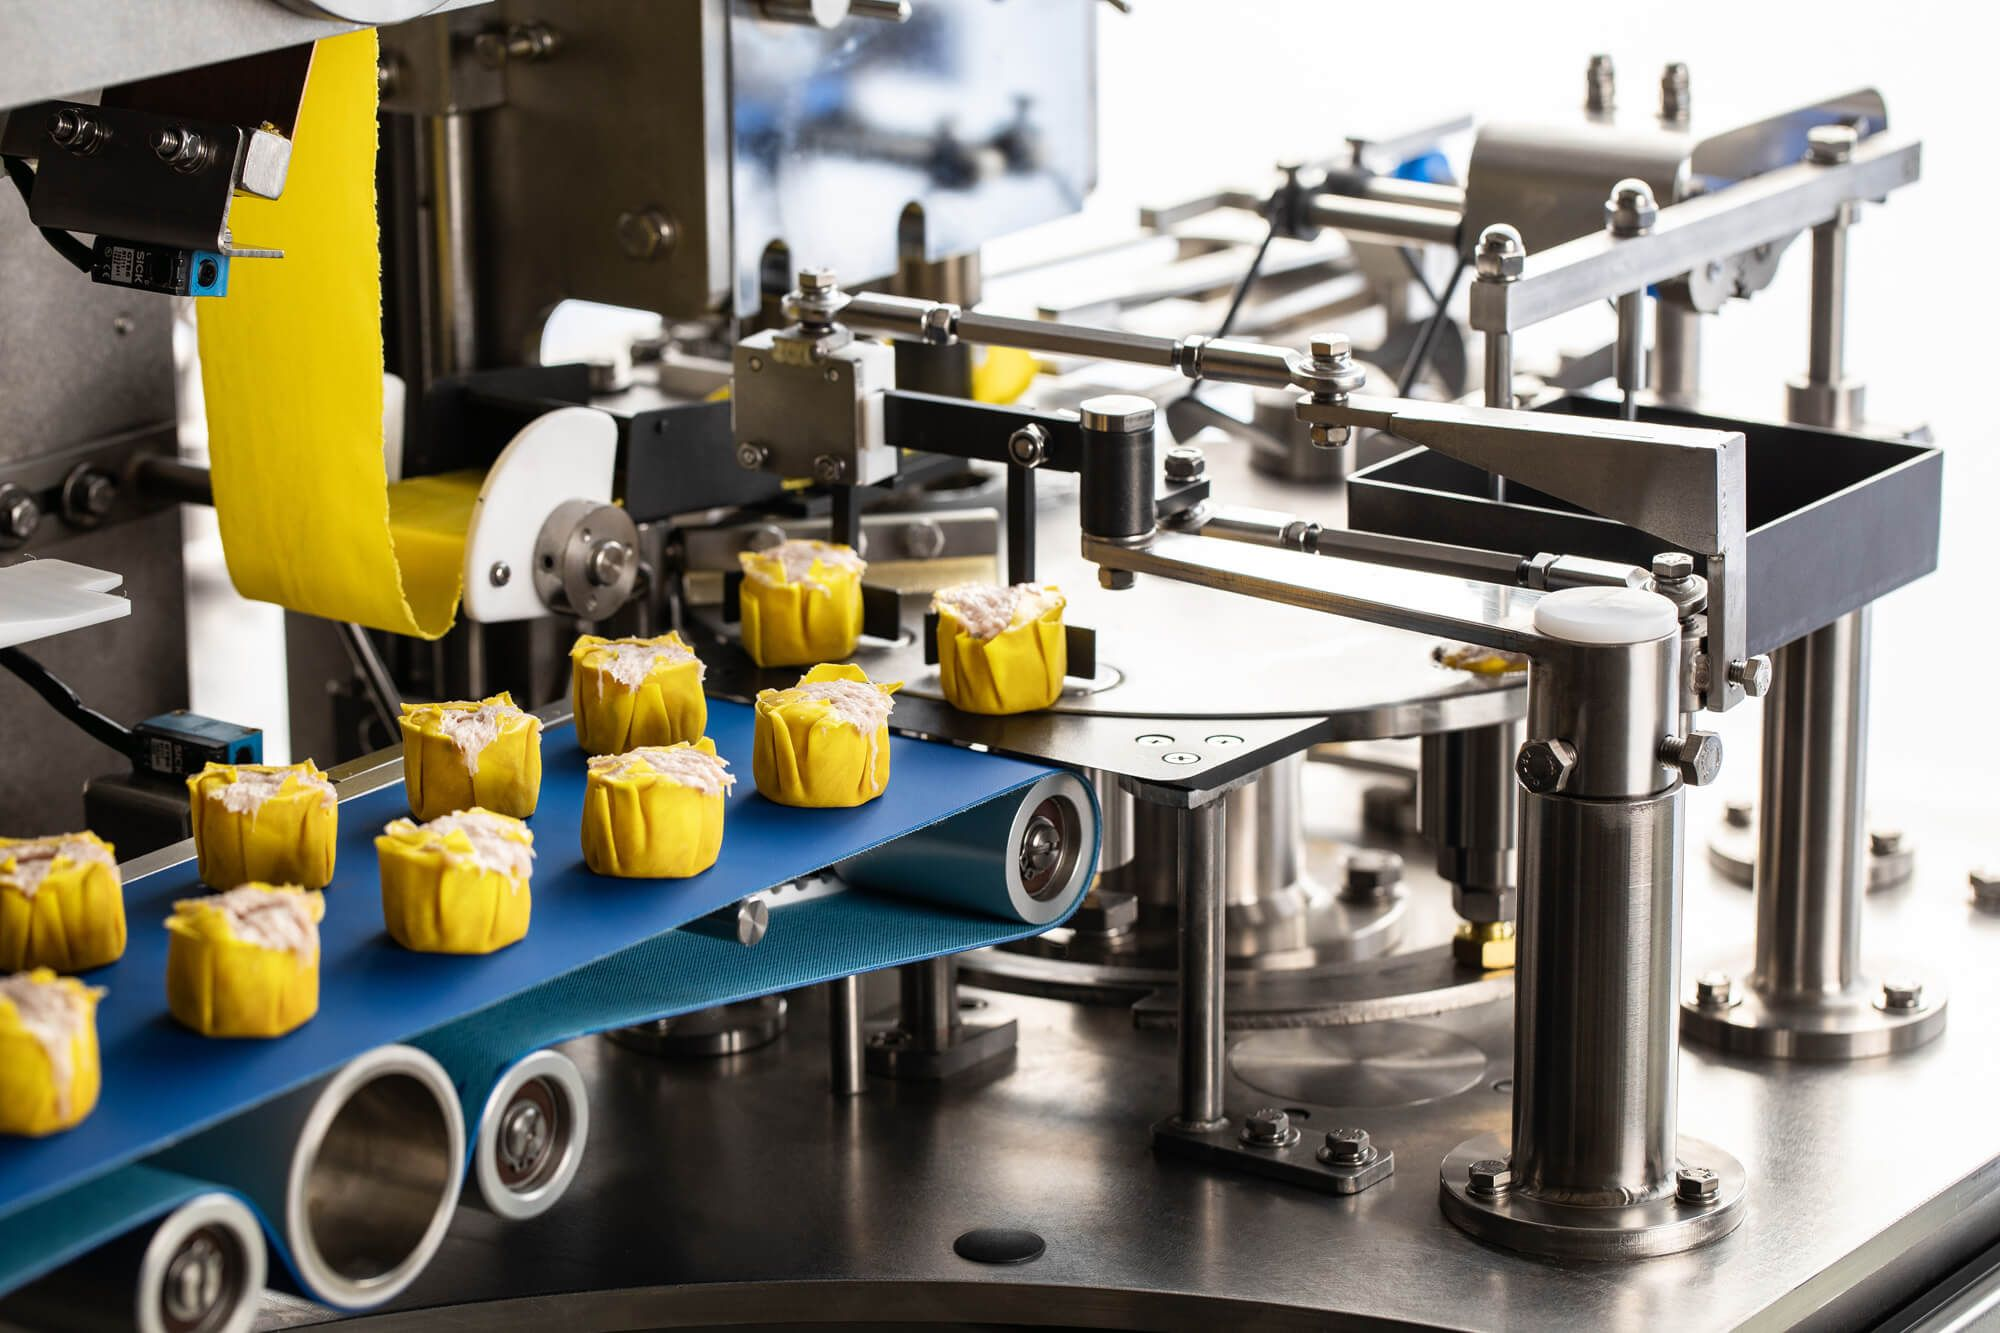 食品工場向けフードソリューション